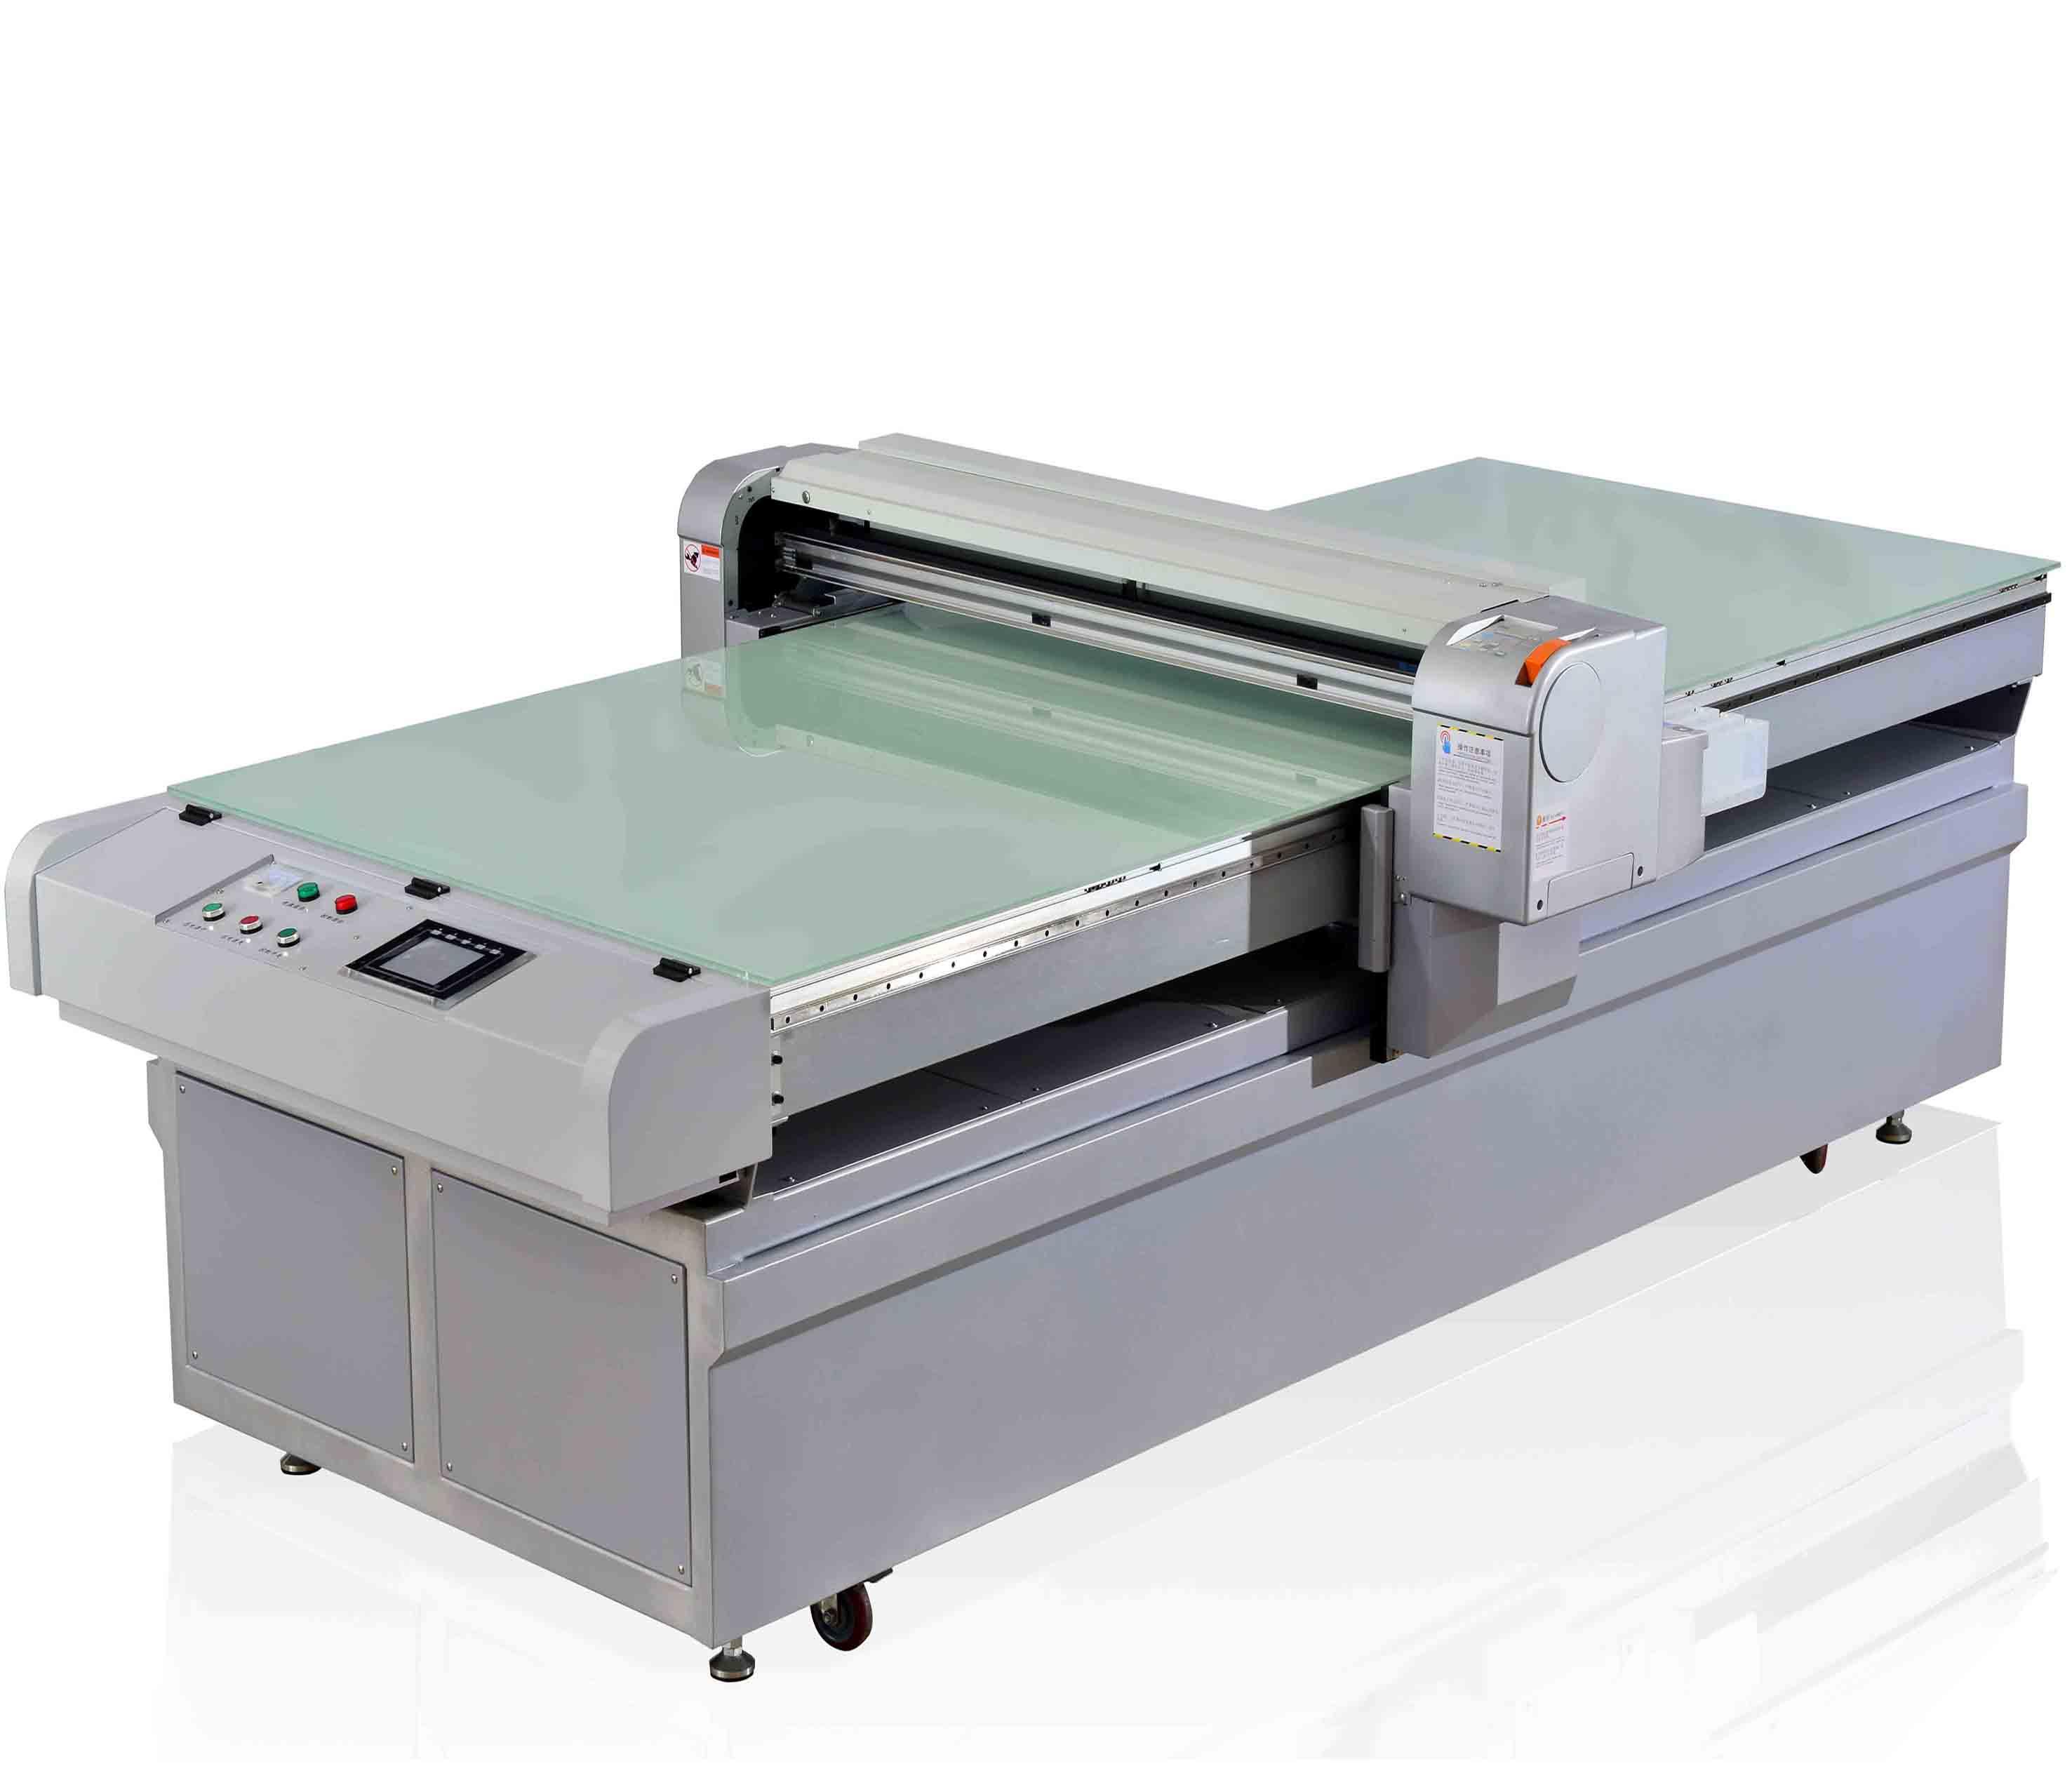 行业最新技术数码印花机武藤高速服装印花机棉麻T恤印花机